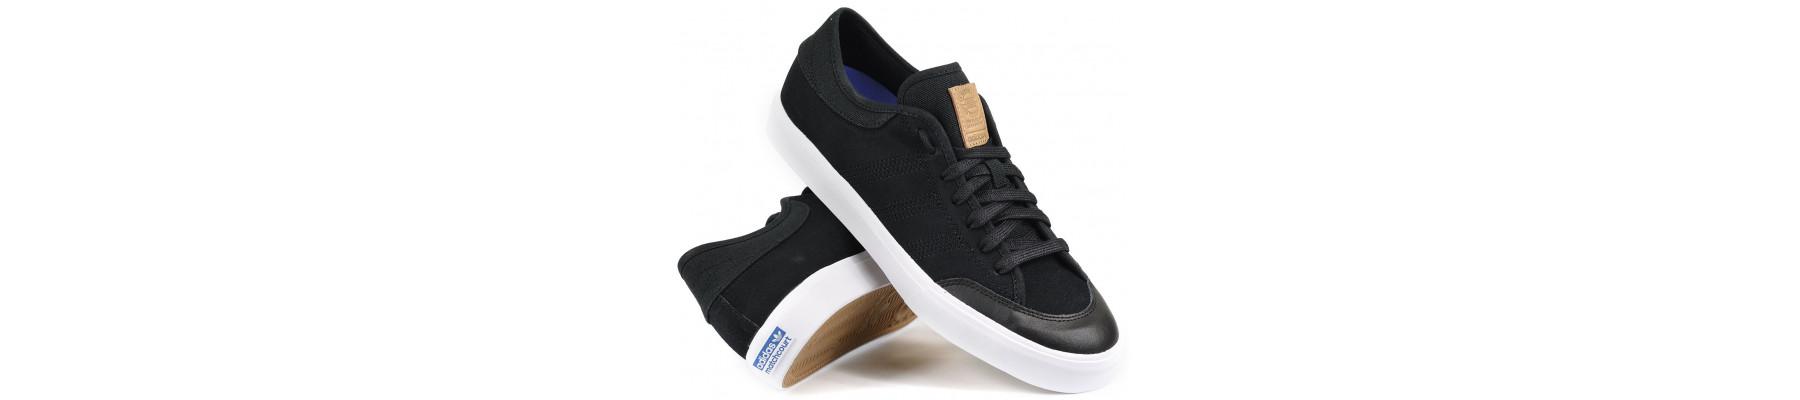 Adidas MatchCourt RX2 BlkWht